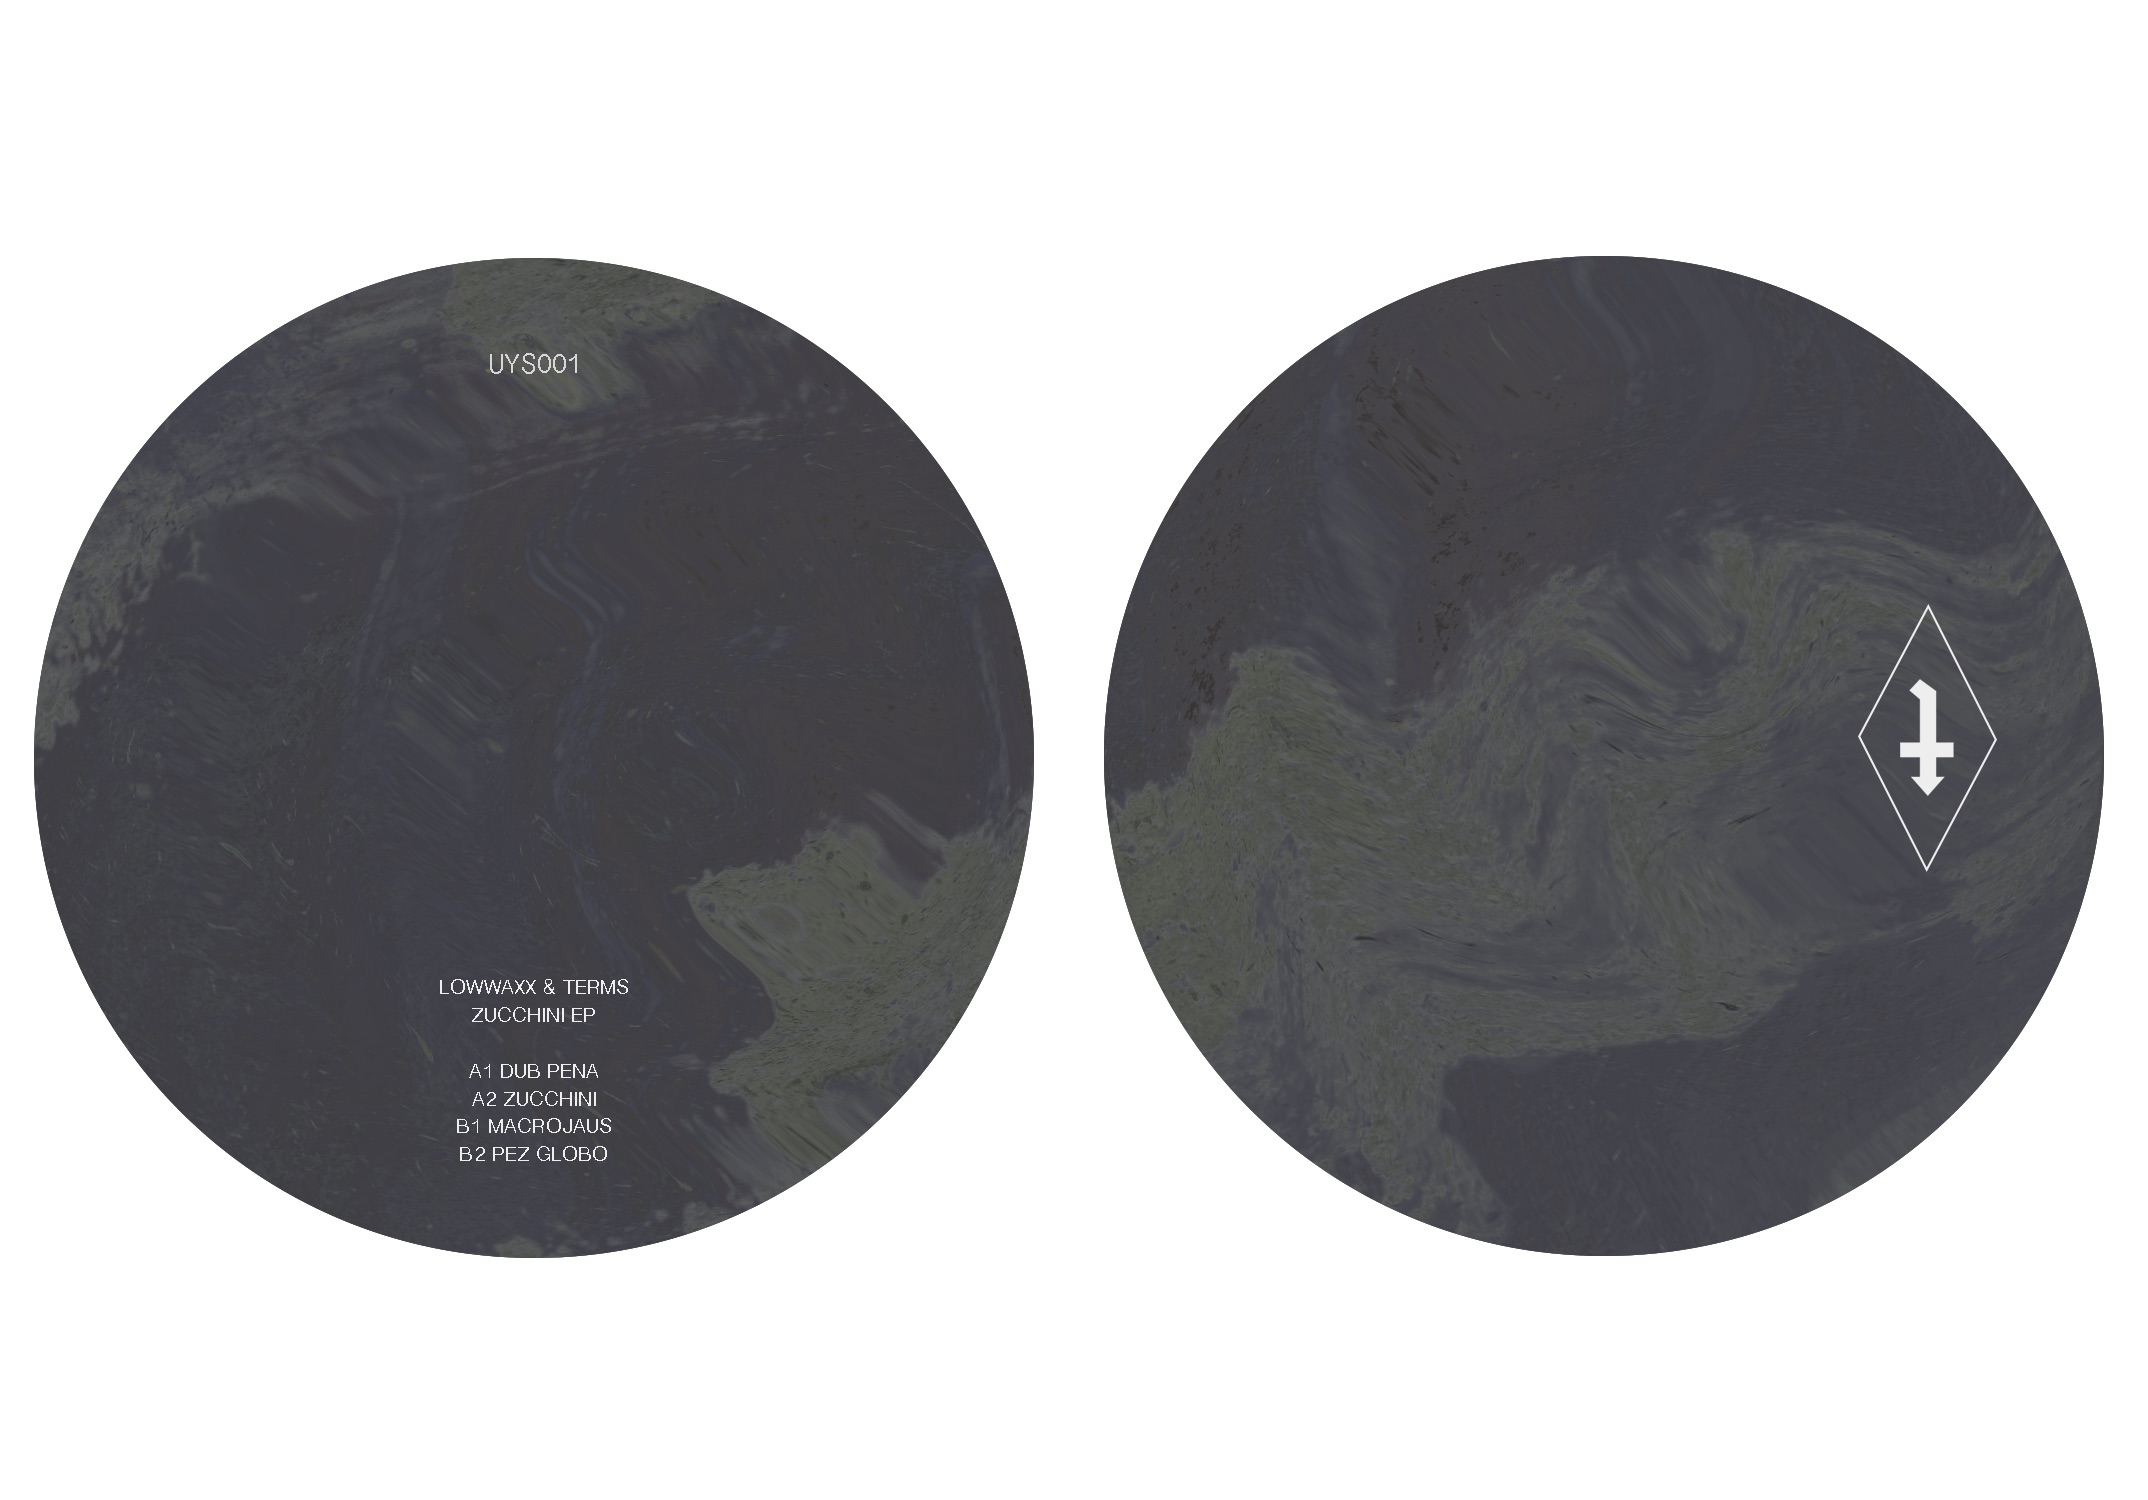 Lowwaxx & TERMS – Dub Pena (Underyourseat)